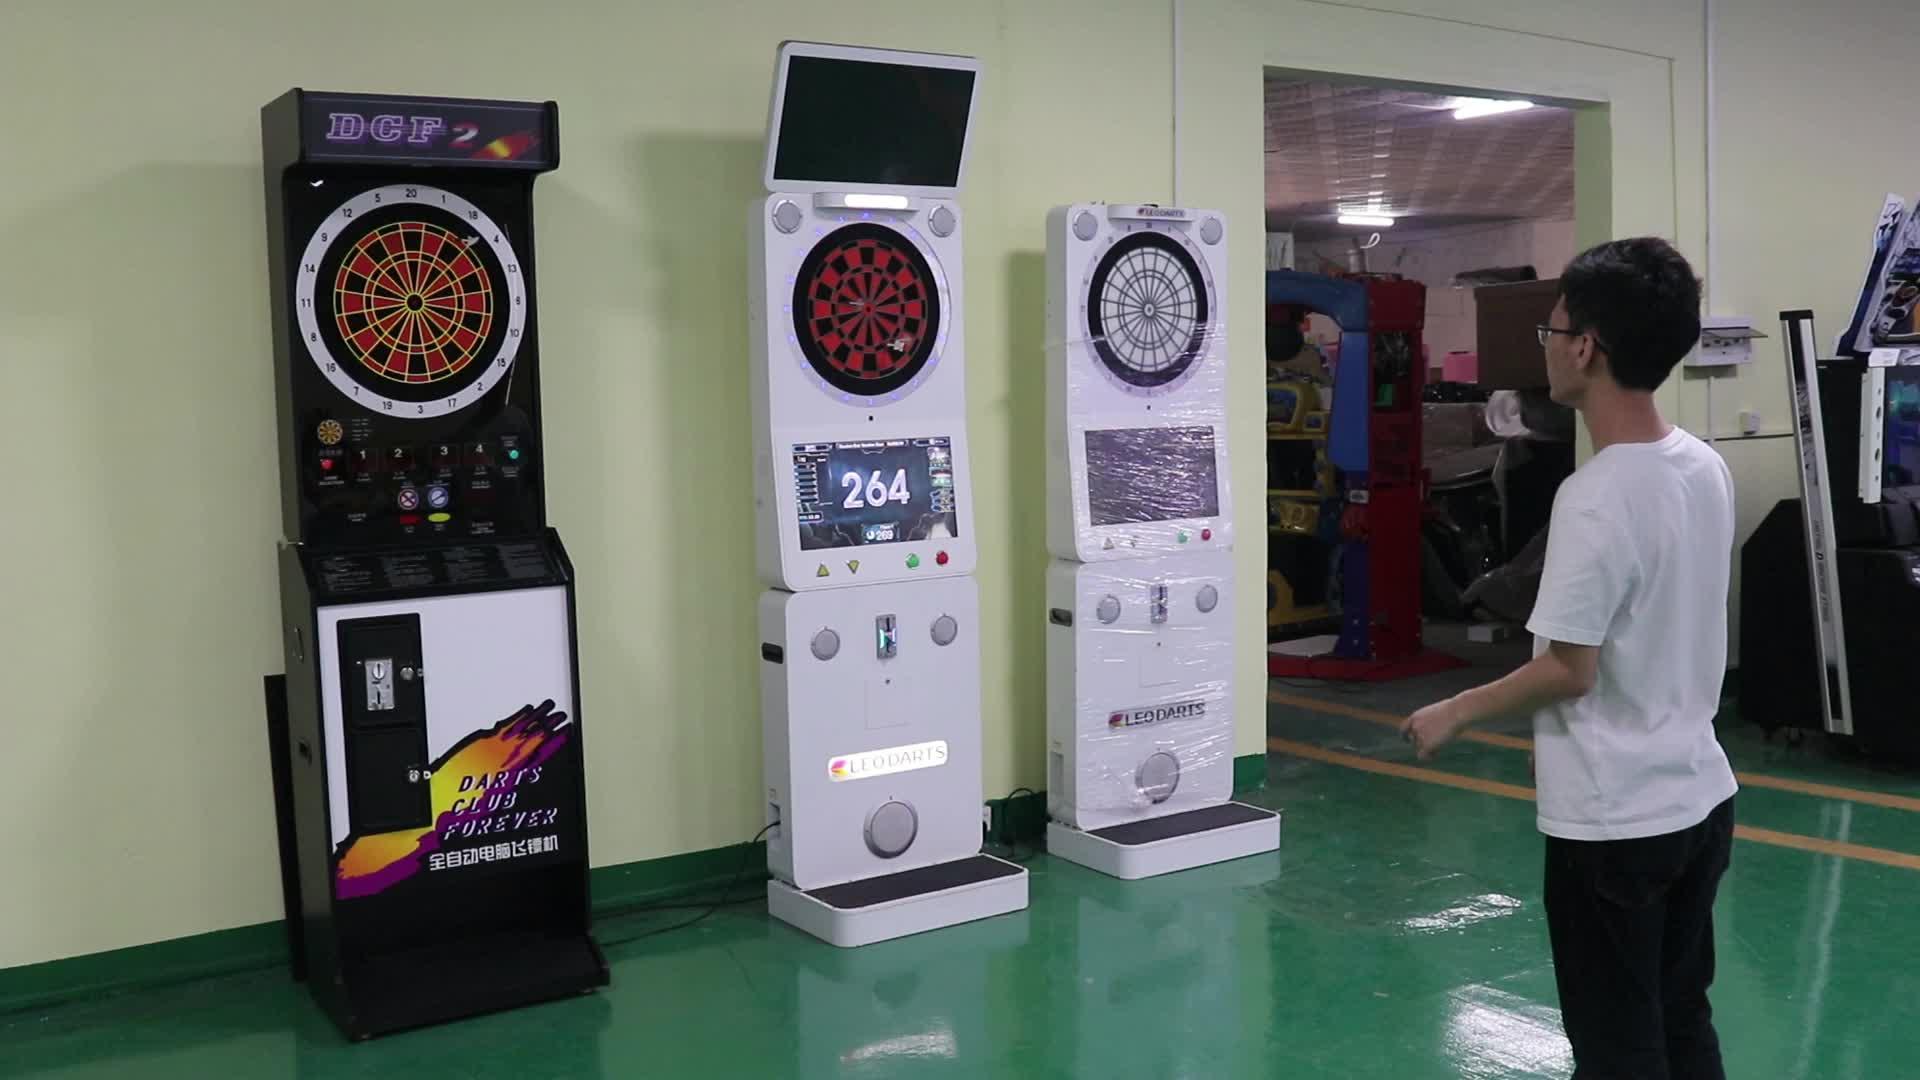 Panas Ruangan dan Olahraga Panahan Klub Yang Dioperasikan dengan Koin Electronic Darts Board Video Mesin Permainan